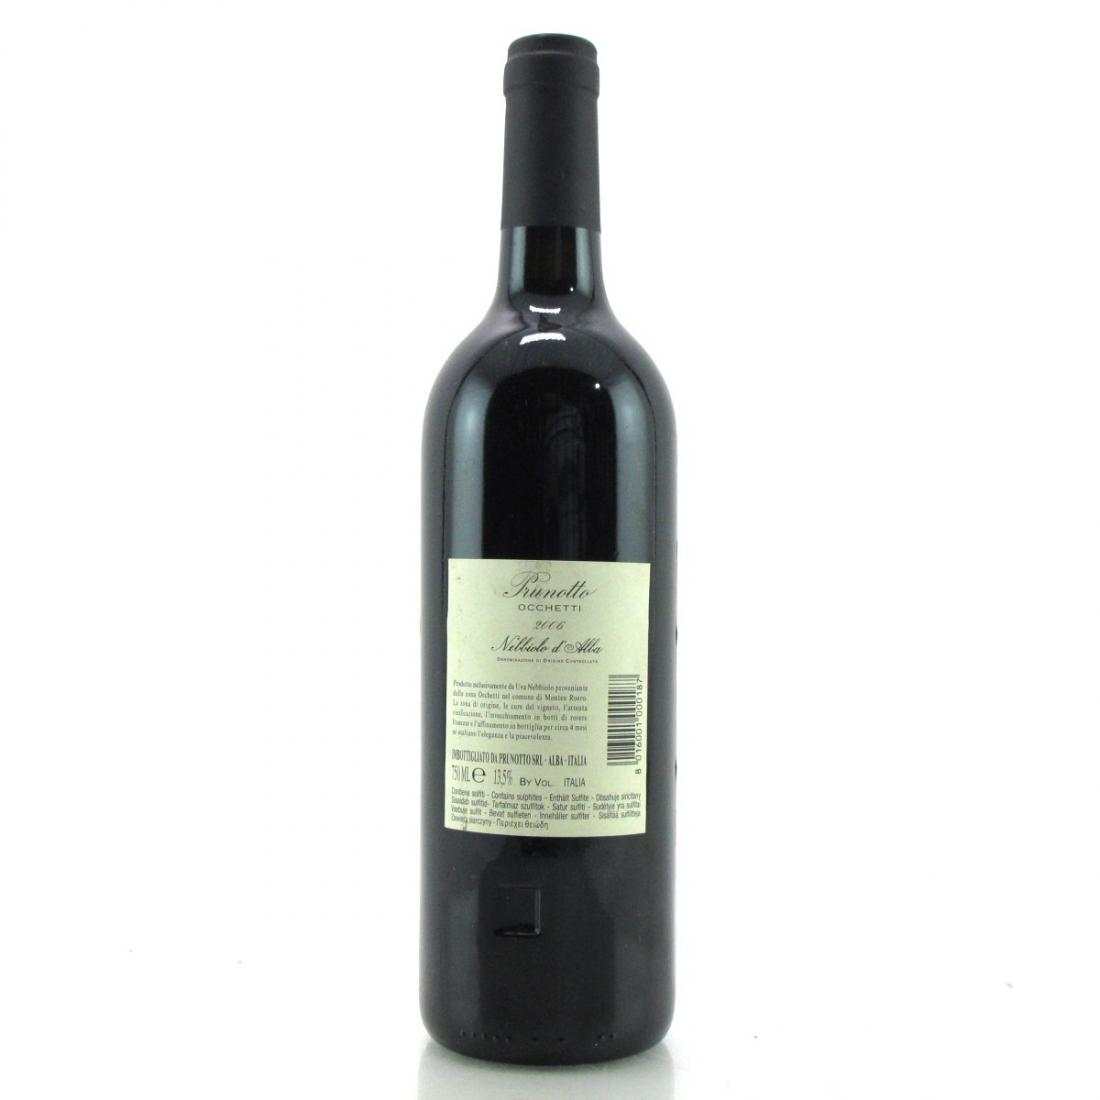 """Prunotto """"Occhetti"""" 2006 Nebbiolo d'Alba"""